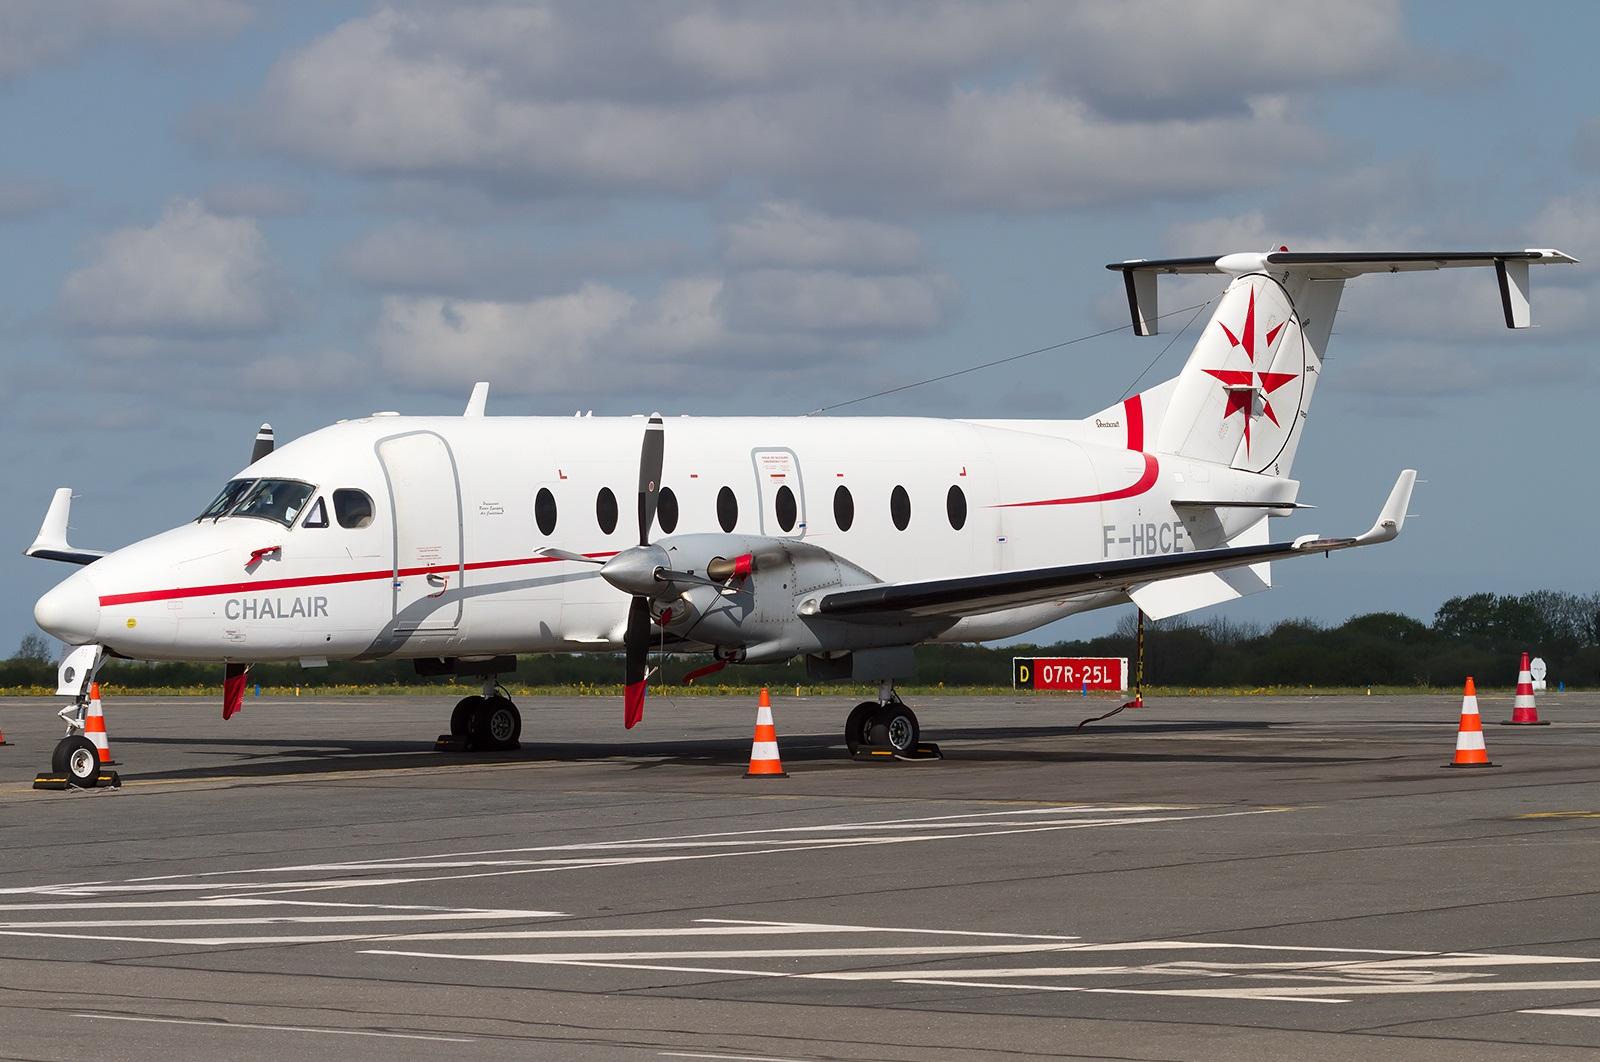 Самолет компании Chalair Aviation на стоянке в аэропорту